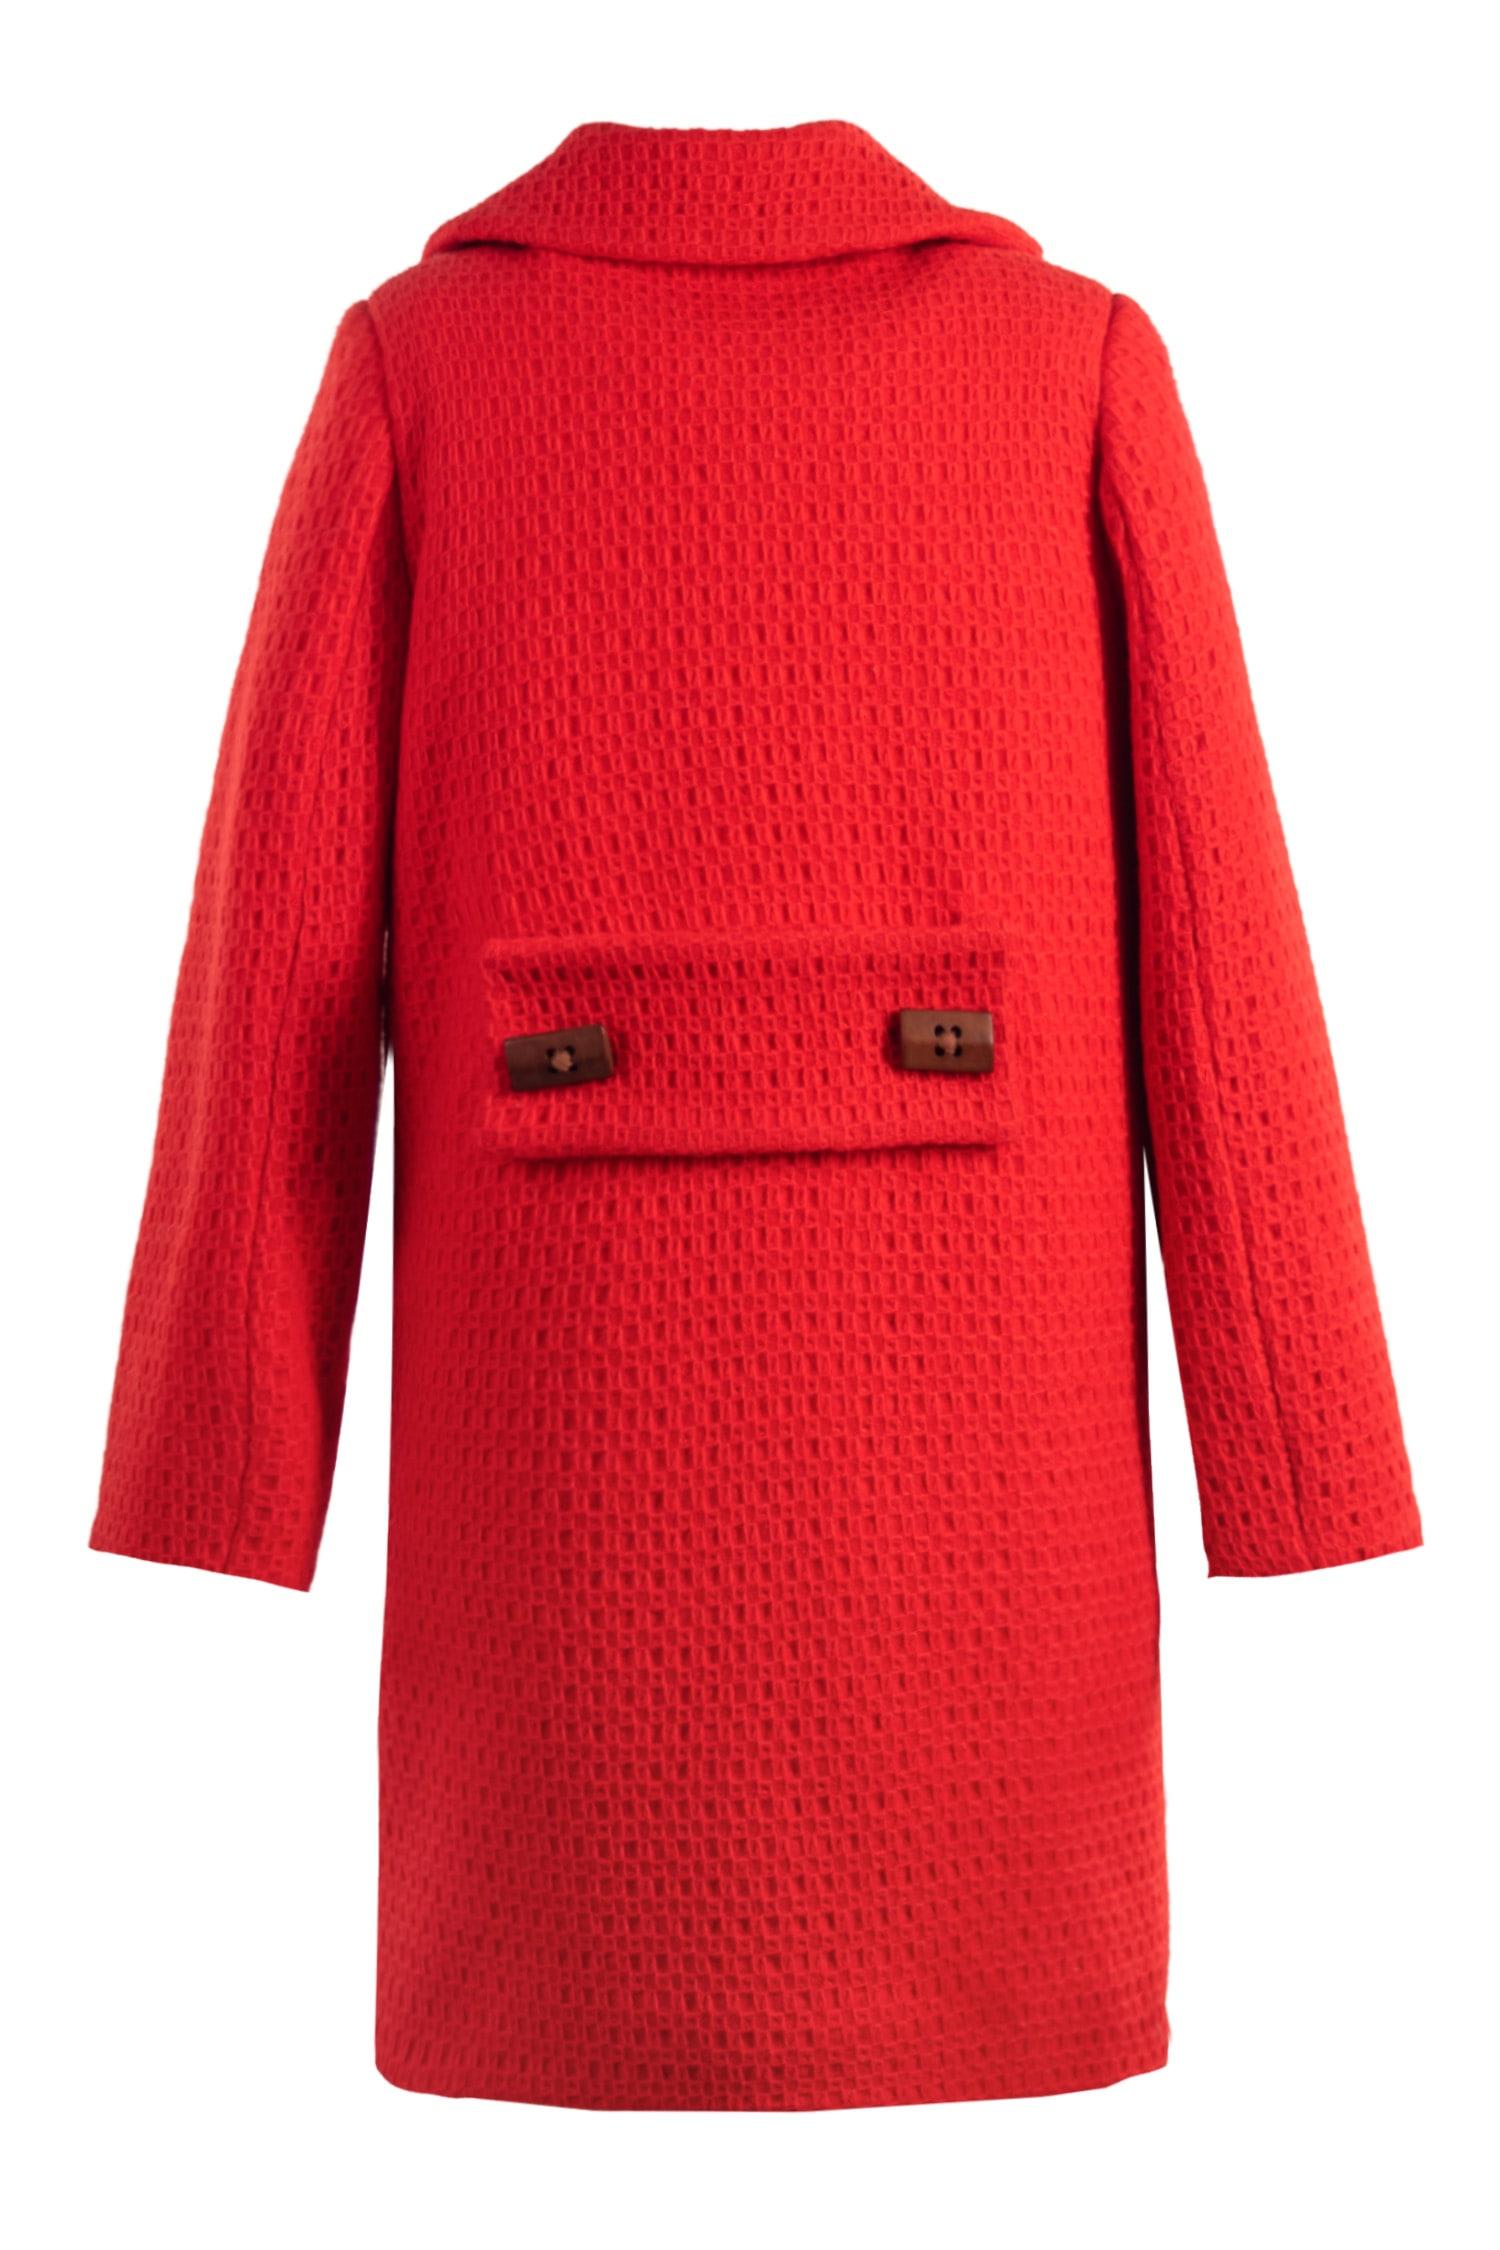 Palton roși pentru fete Mila IRIDOR